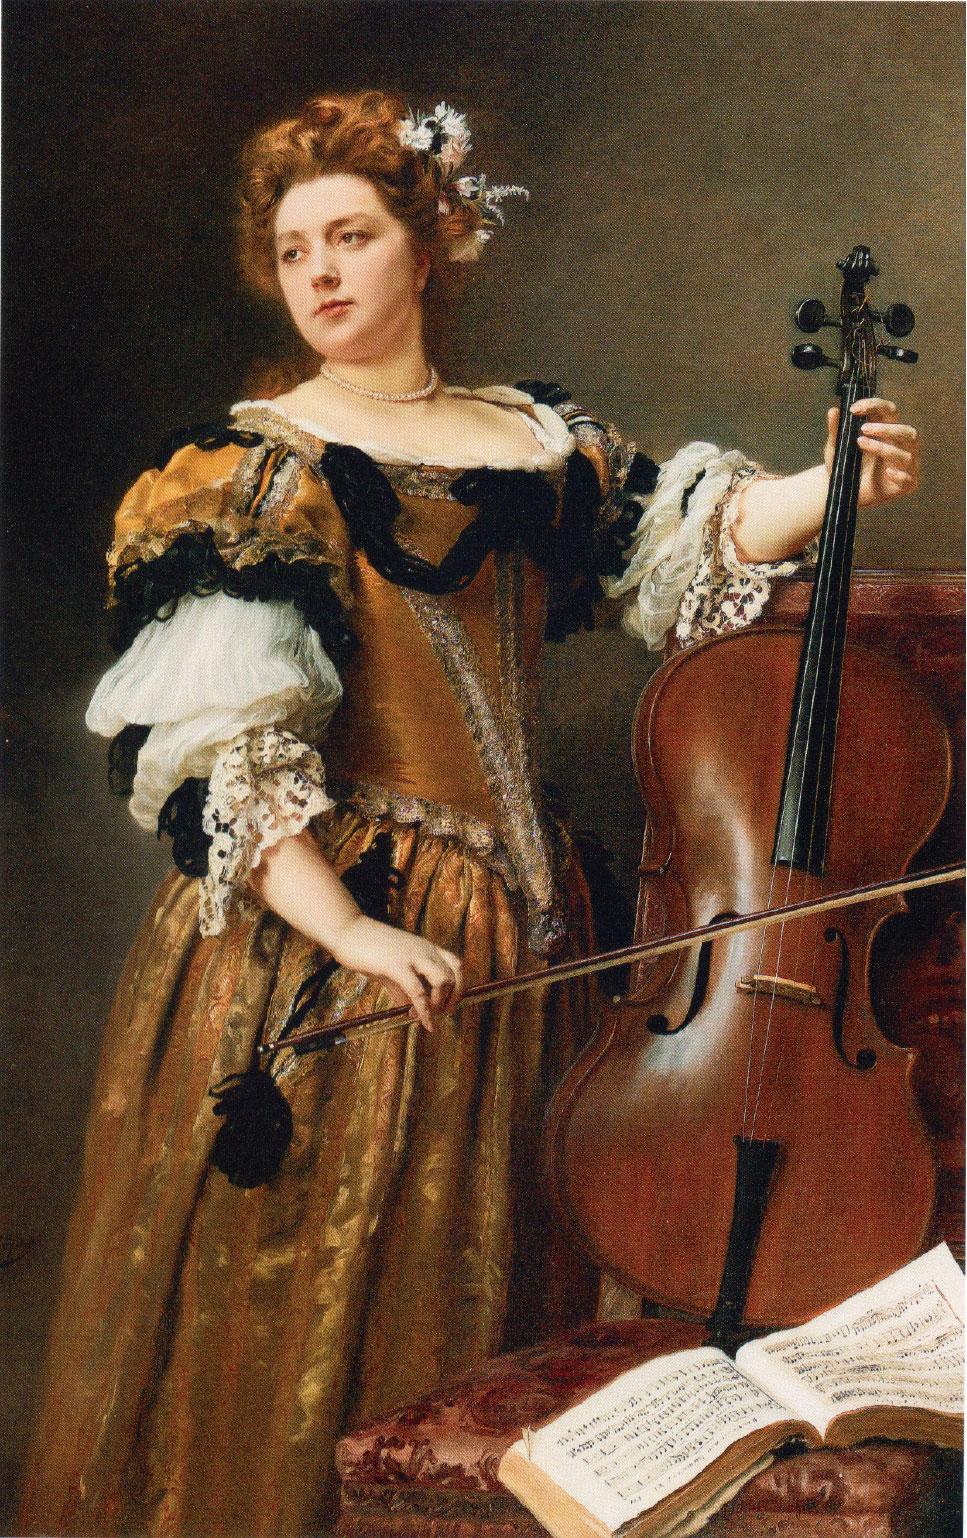 居斯塔夫雅凱 《大提琴手》(The Cello Player),布面油畫,150 × 95 cm。